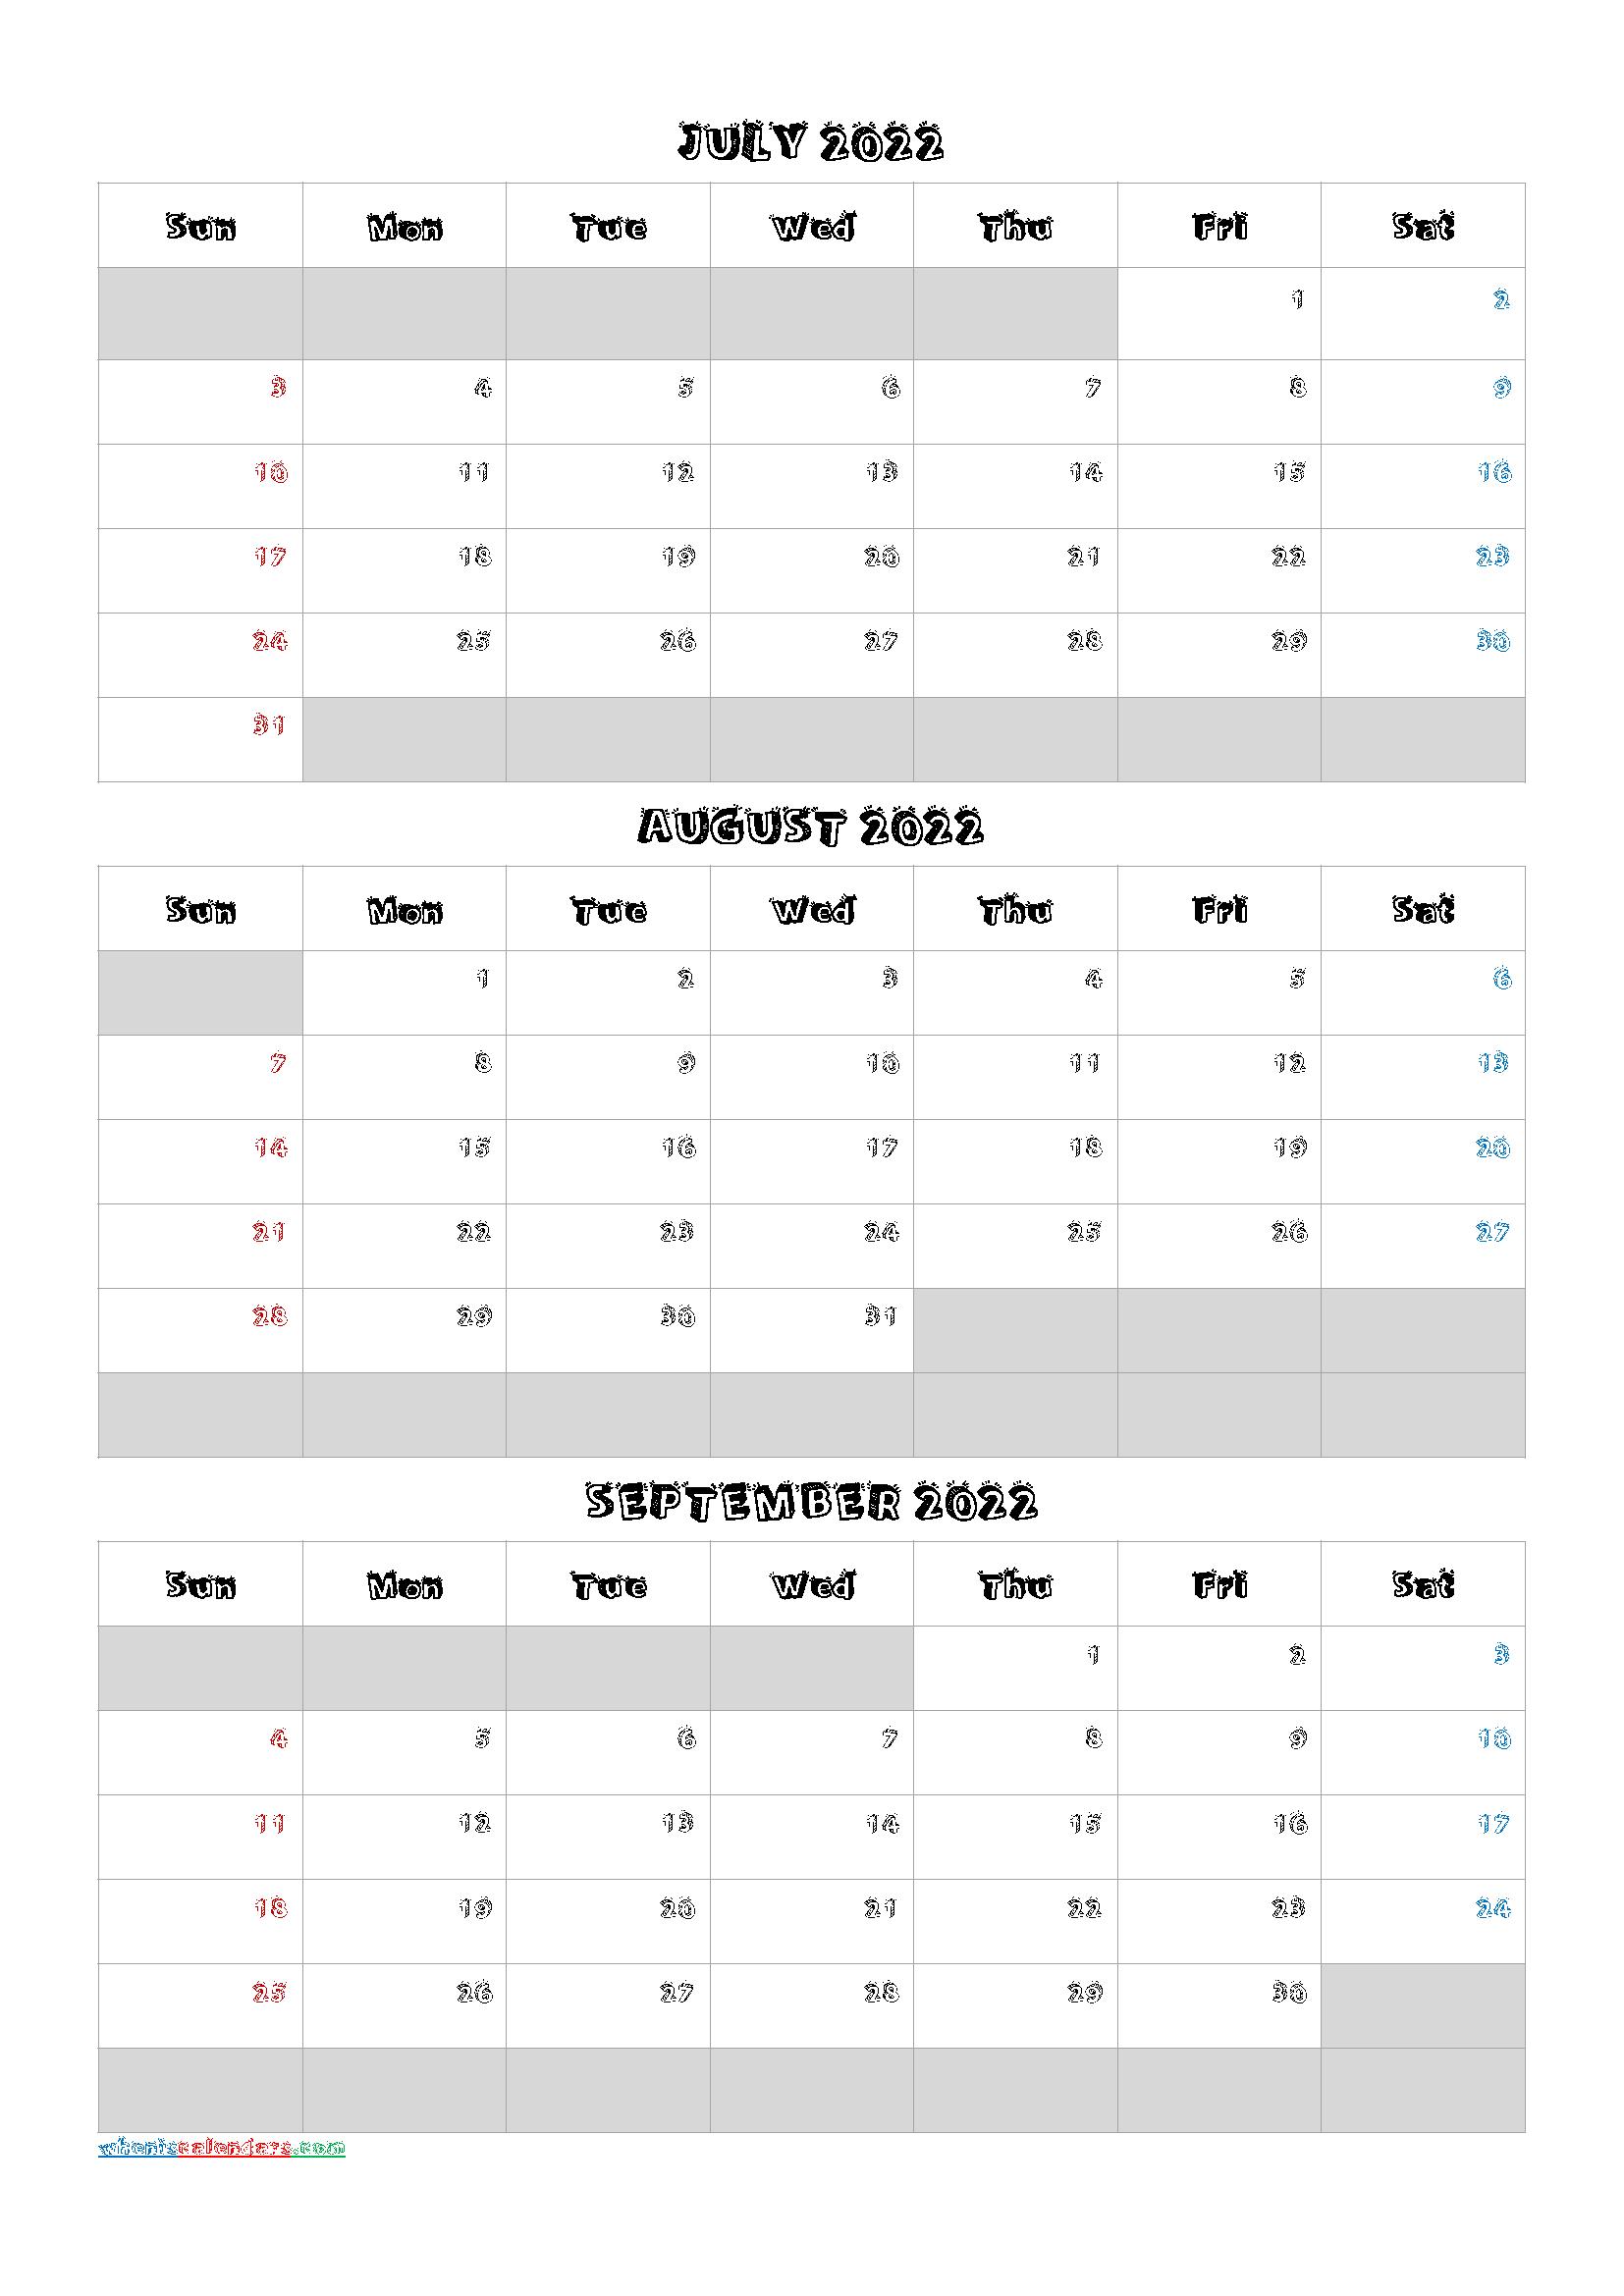 July August September 2022 Calendar Template